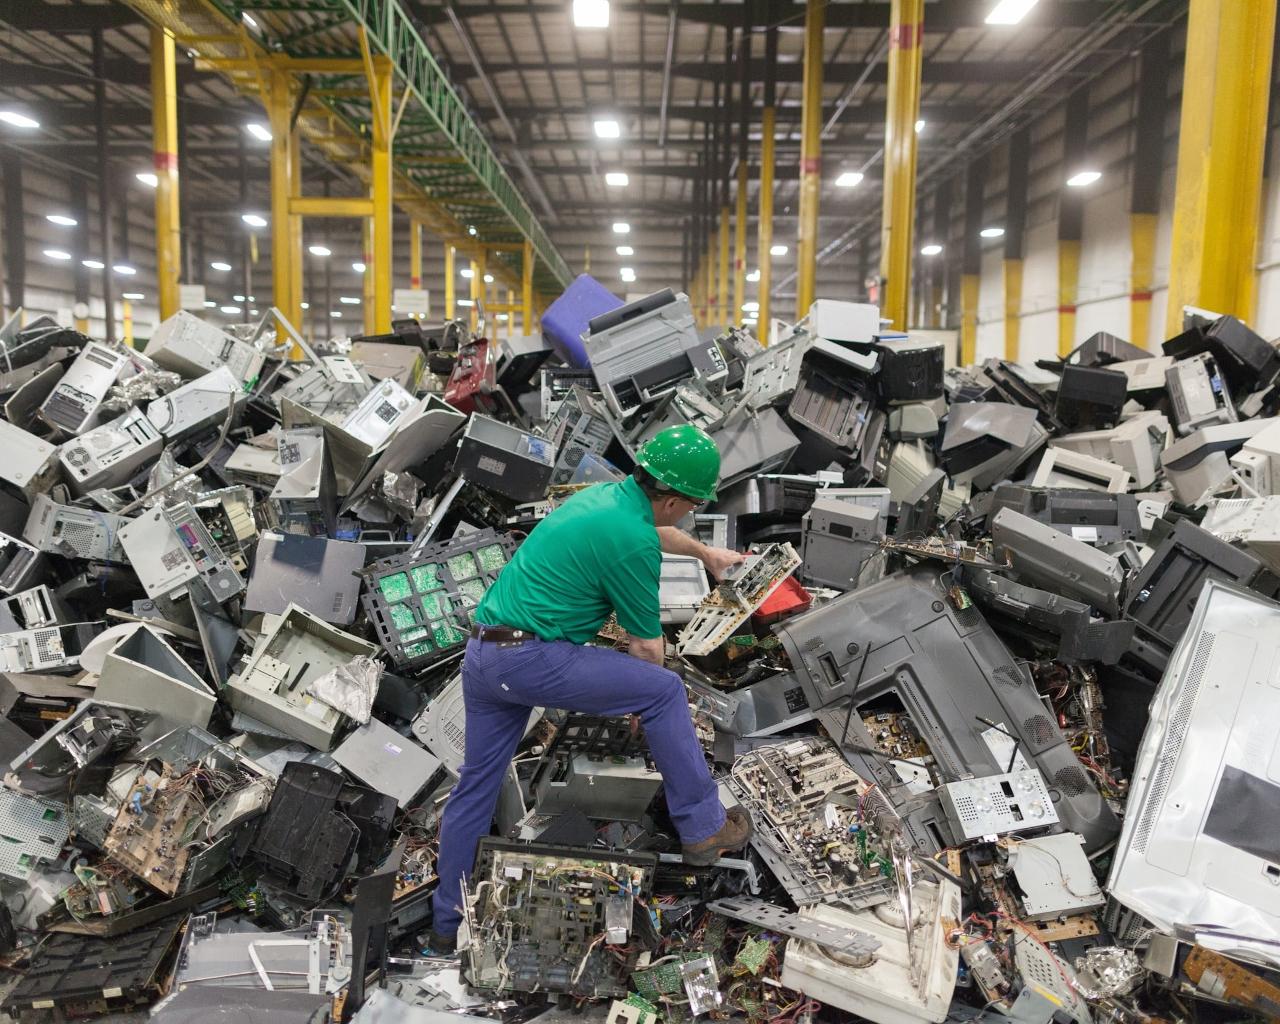 Τι Παράγουμε - Άλλα - Aegean Recycling Εταιρεία Ανακύκλωσης & Επεξεργασίας Αποβλήτων Αστικού & Βιομηχανικού Τύπου